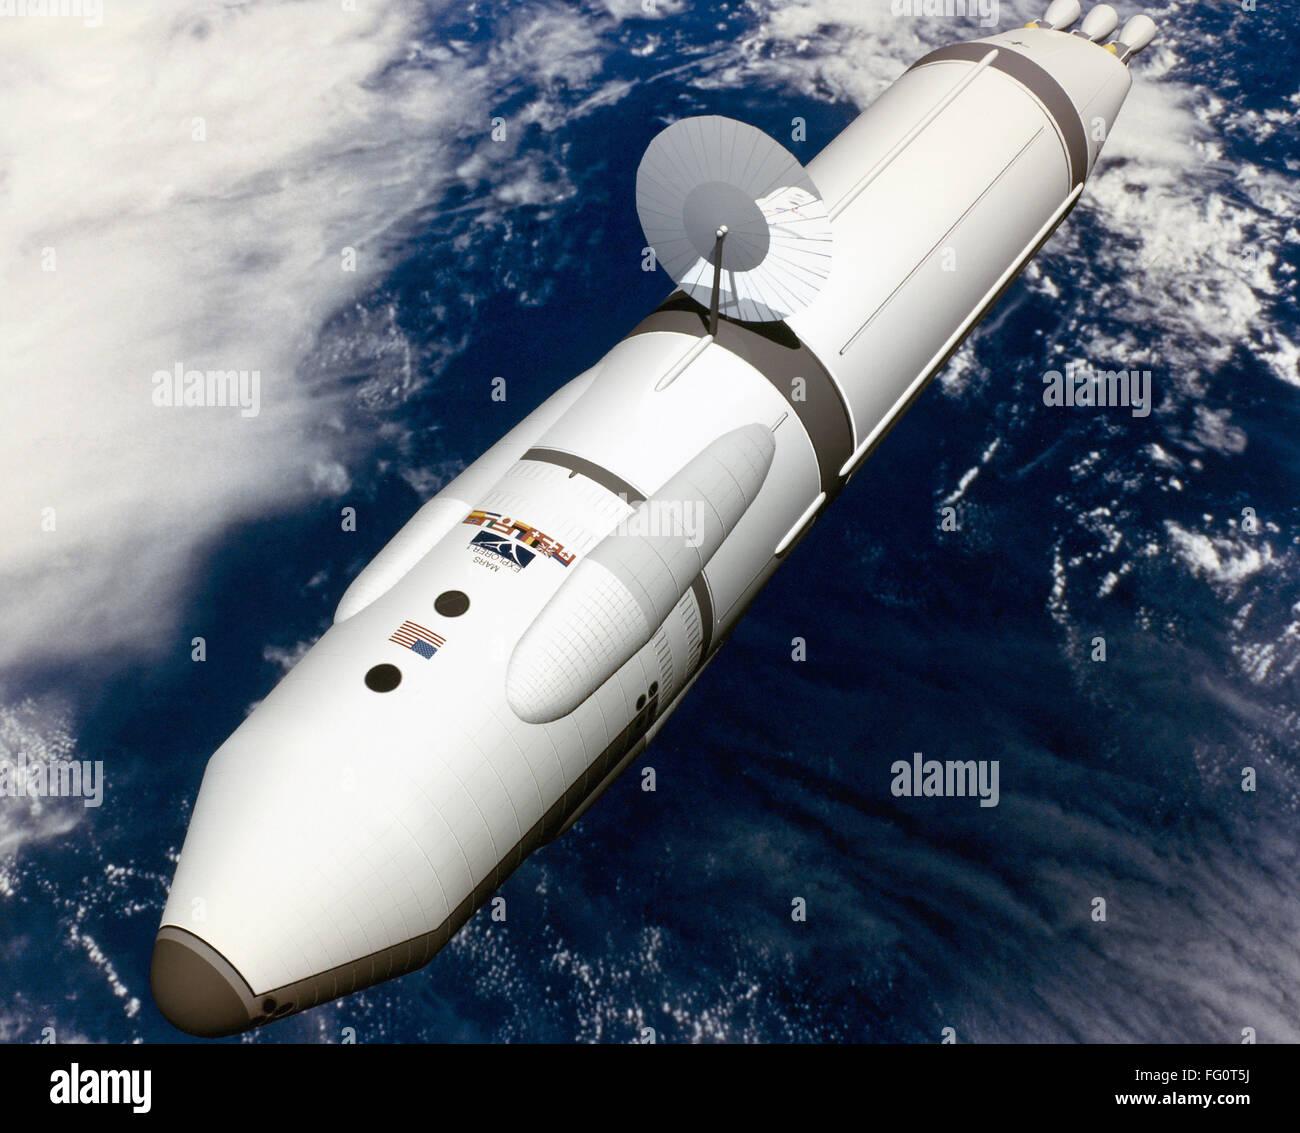 nasa future spaceship - 750×600